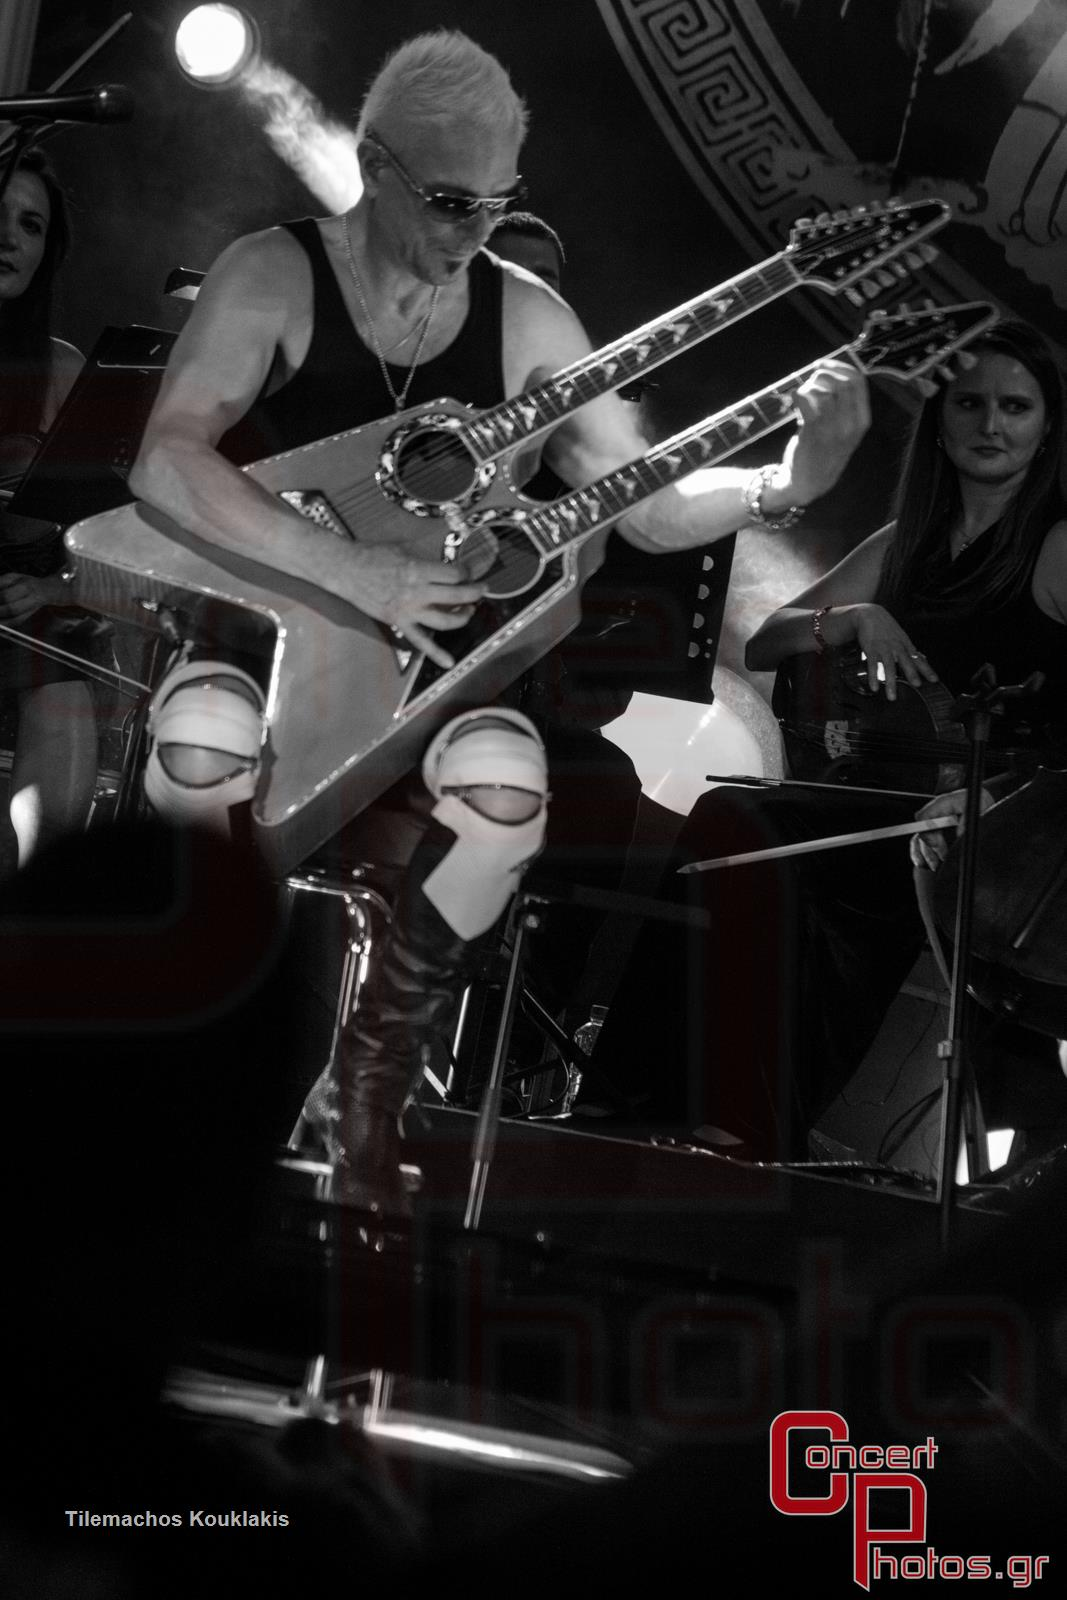 Scorpions-Scorpions photographer: Tilemachos Kouklakis - concertphotos_-7105